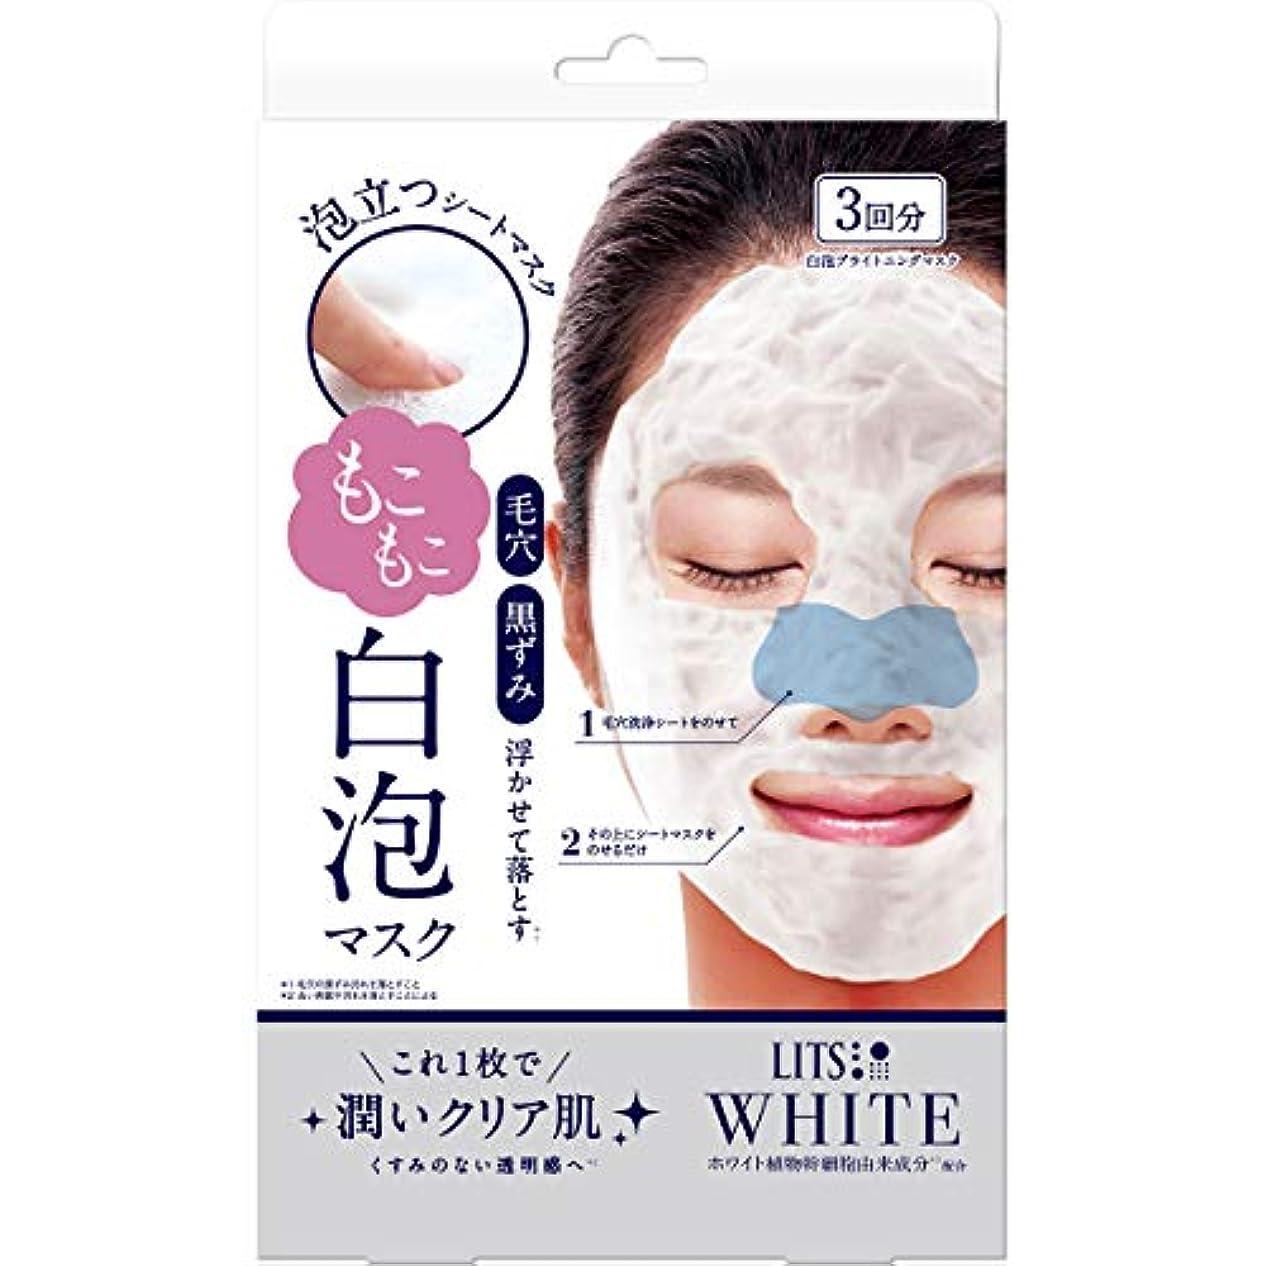 奨励クランシーアラートリッツ ホワイト もこもこ白泡マスク 3枚